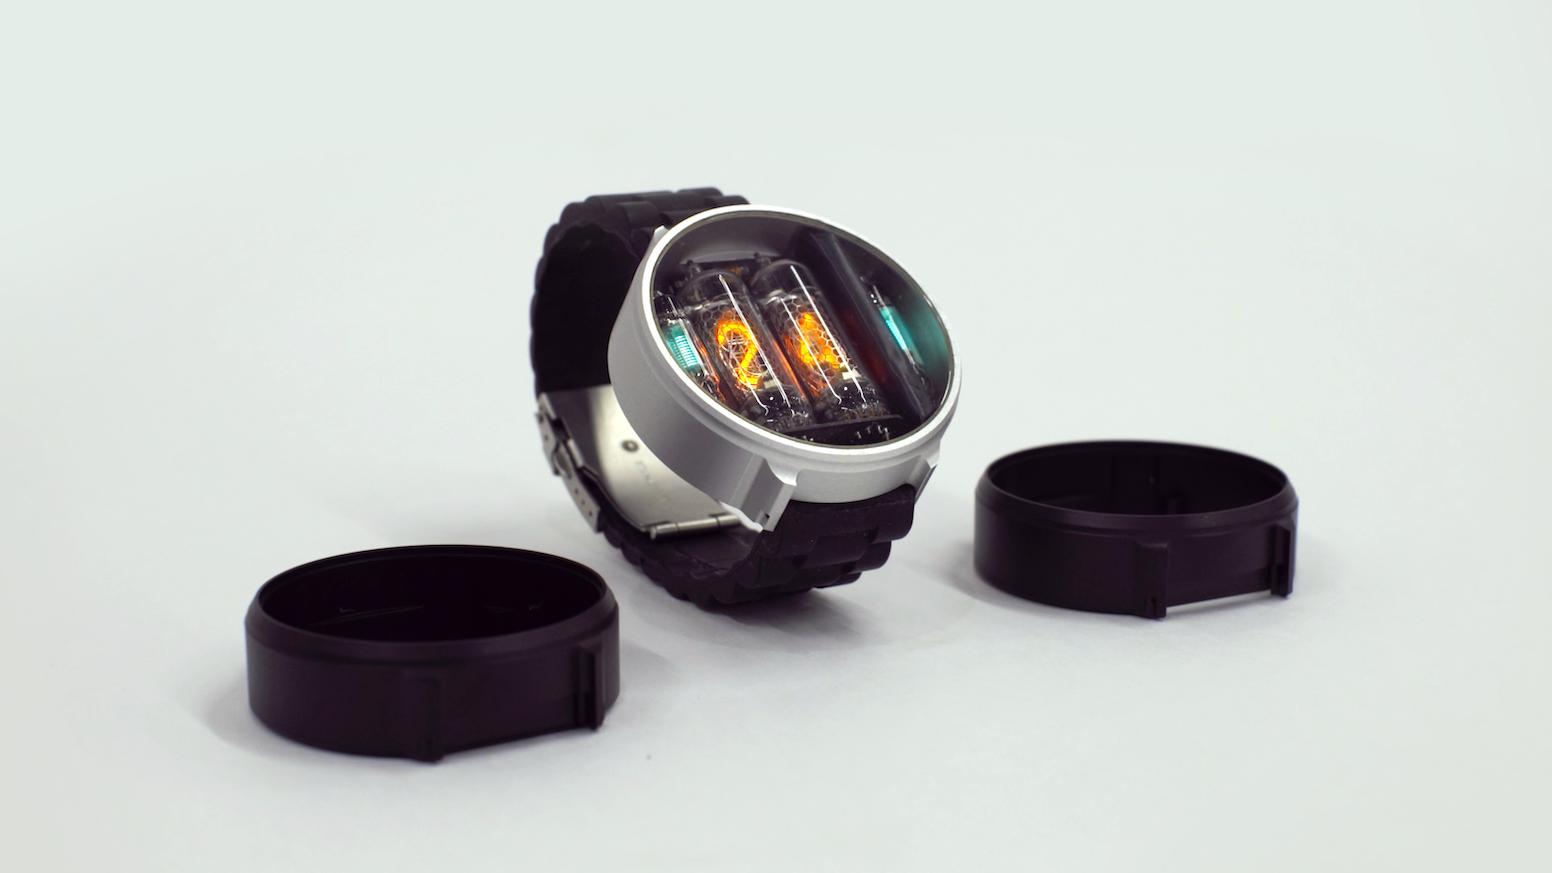 NIWA – original round wristwatch using Nixie tubes for displaying time